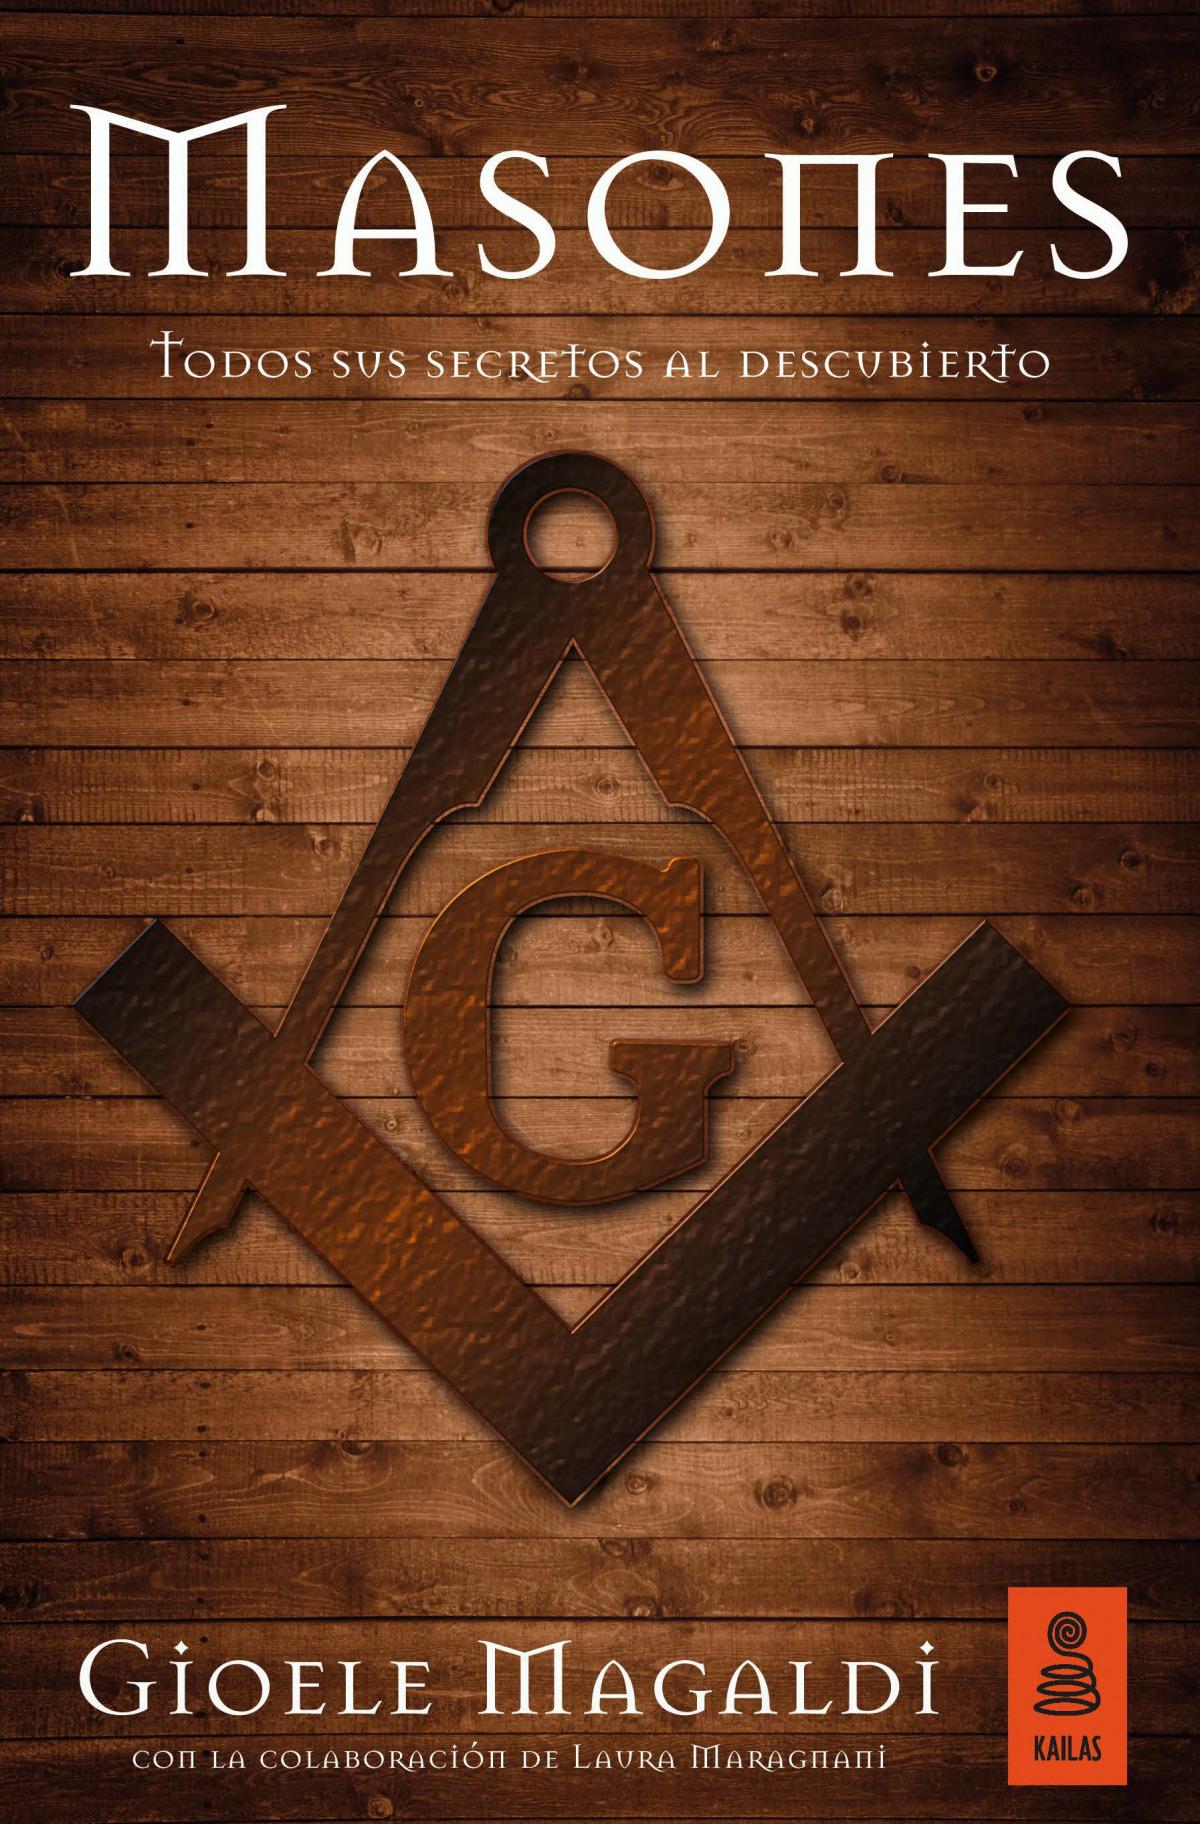 Masones todos sus secretos al descubierto - Magaldi, Gioele